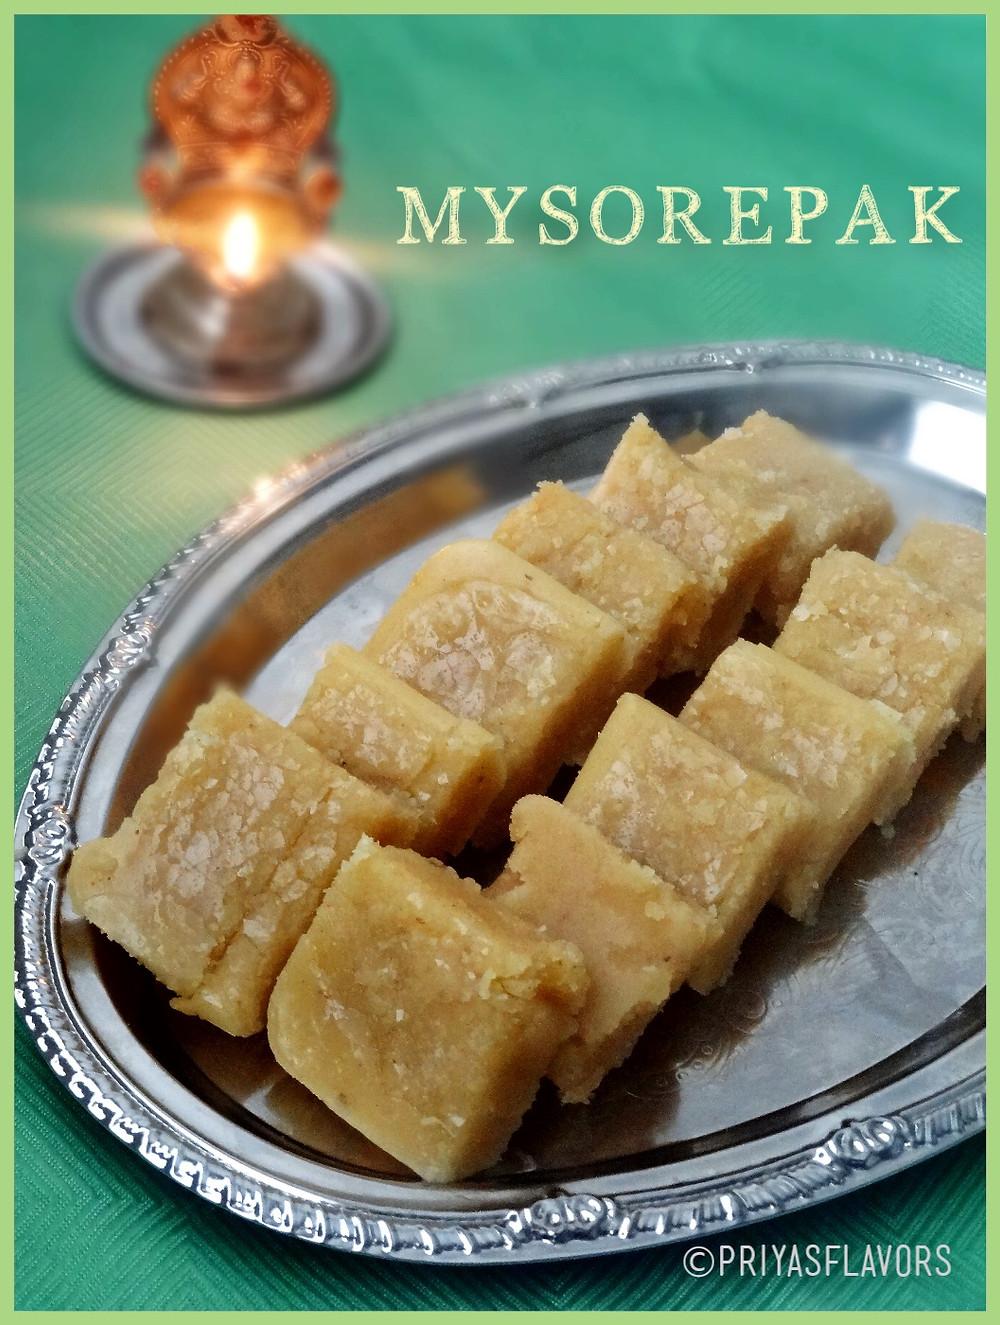 Mysorepak